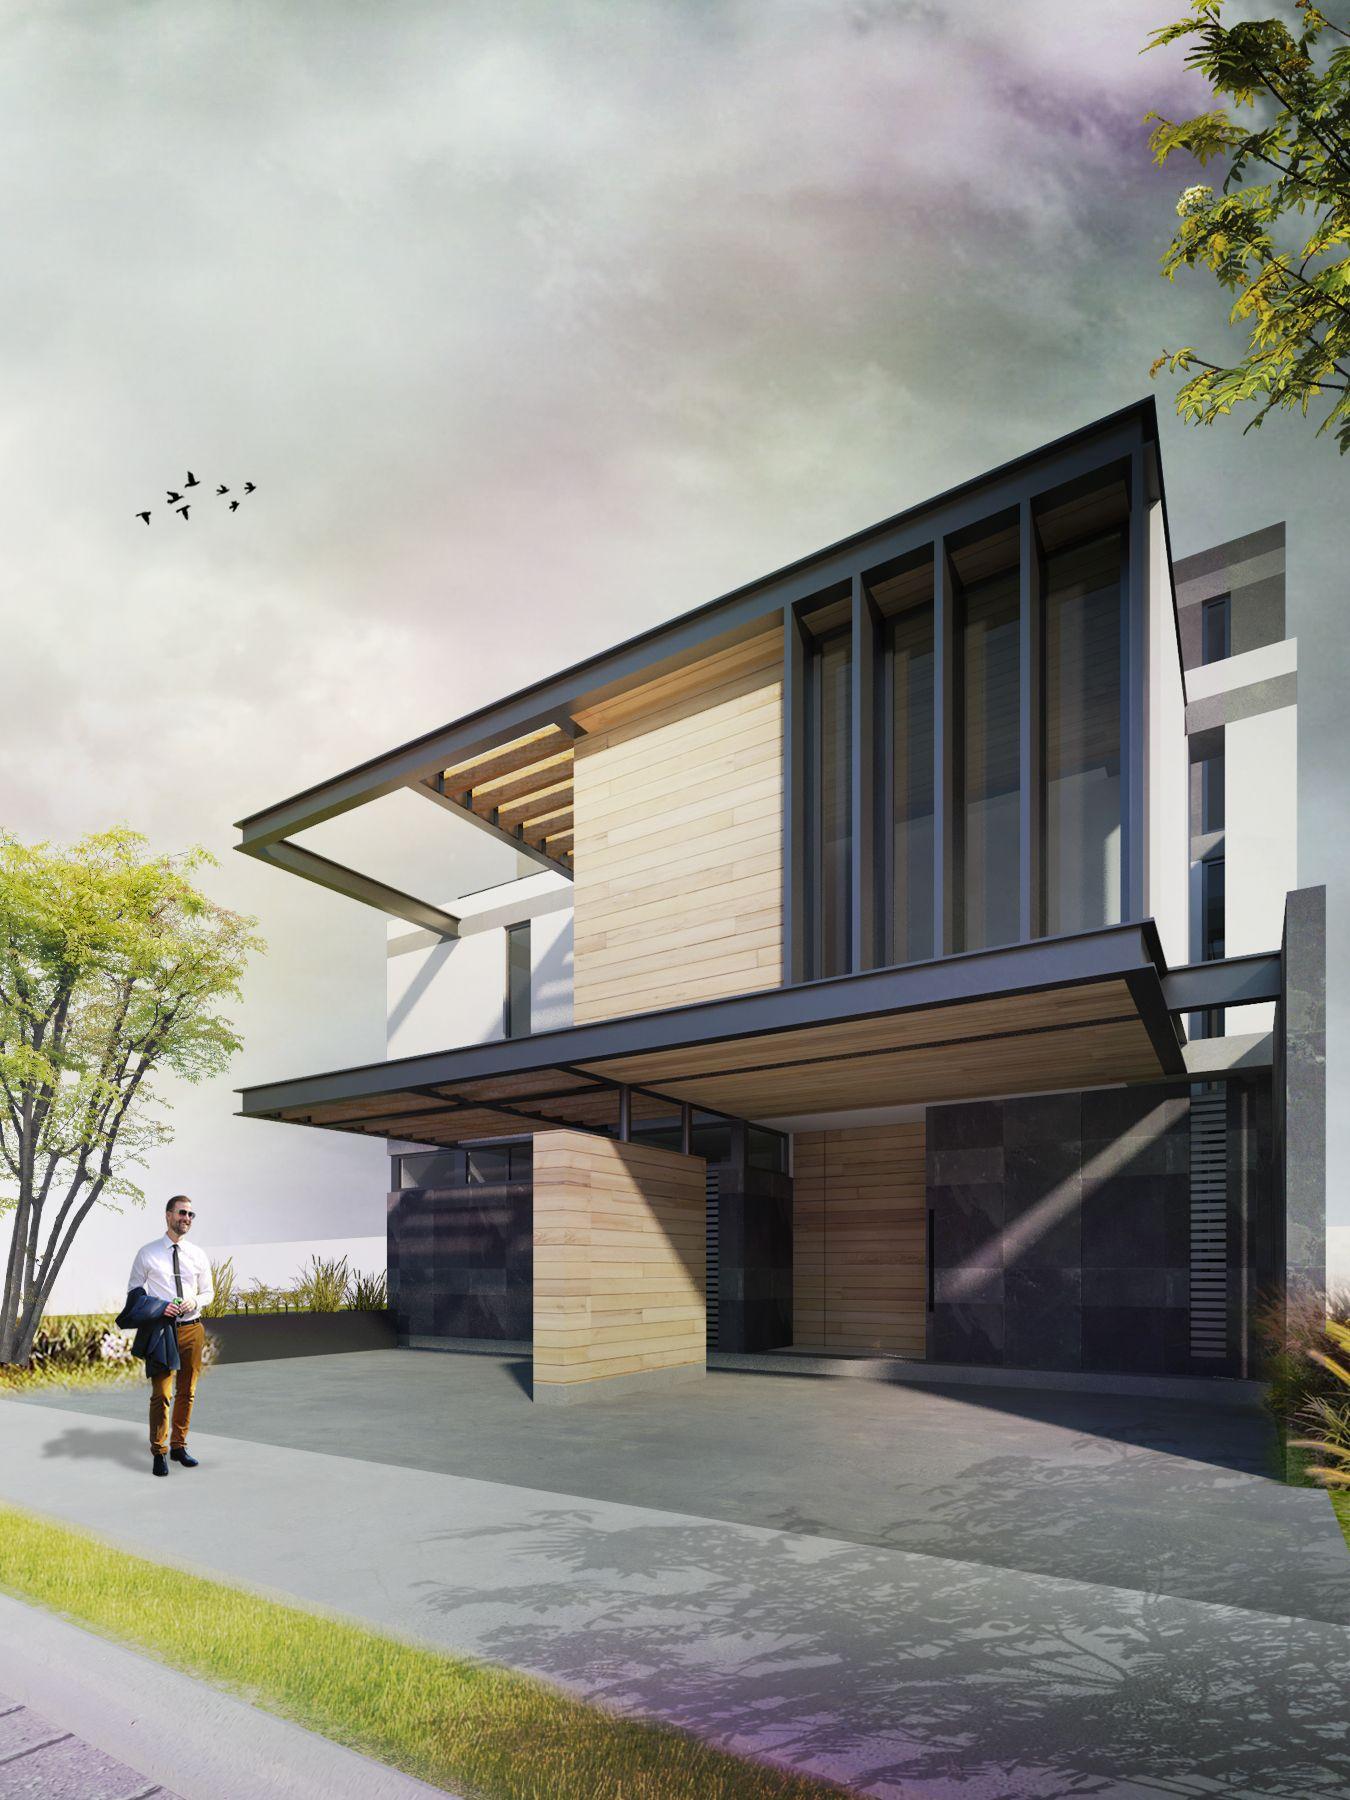 Arquitectura Fachadas De Casas Modernas Casas Modernas: Fachadas De Casas Modernas, Arquitectura Casas Y